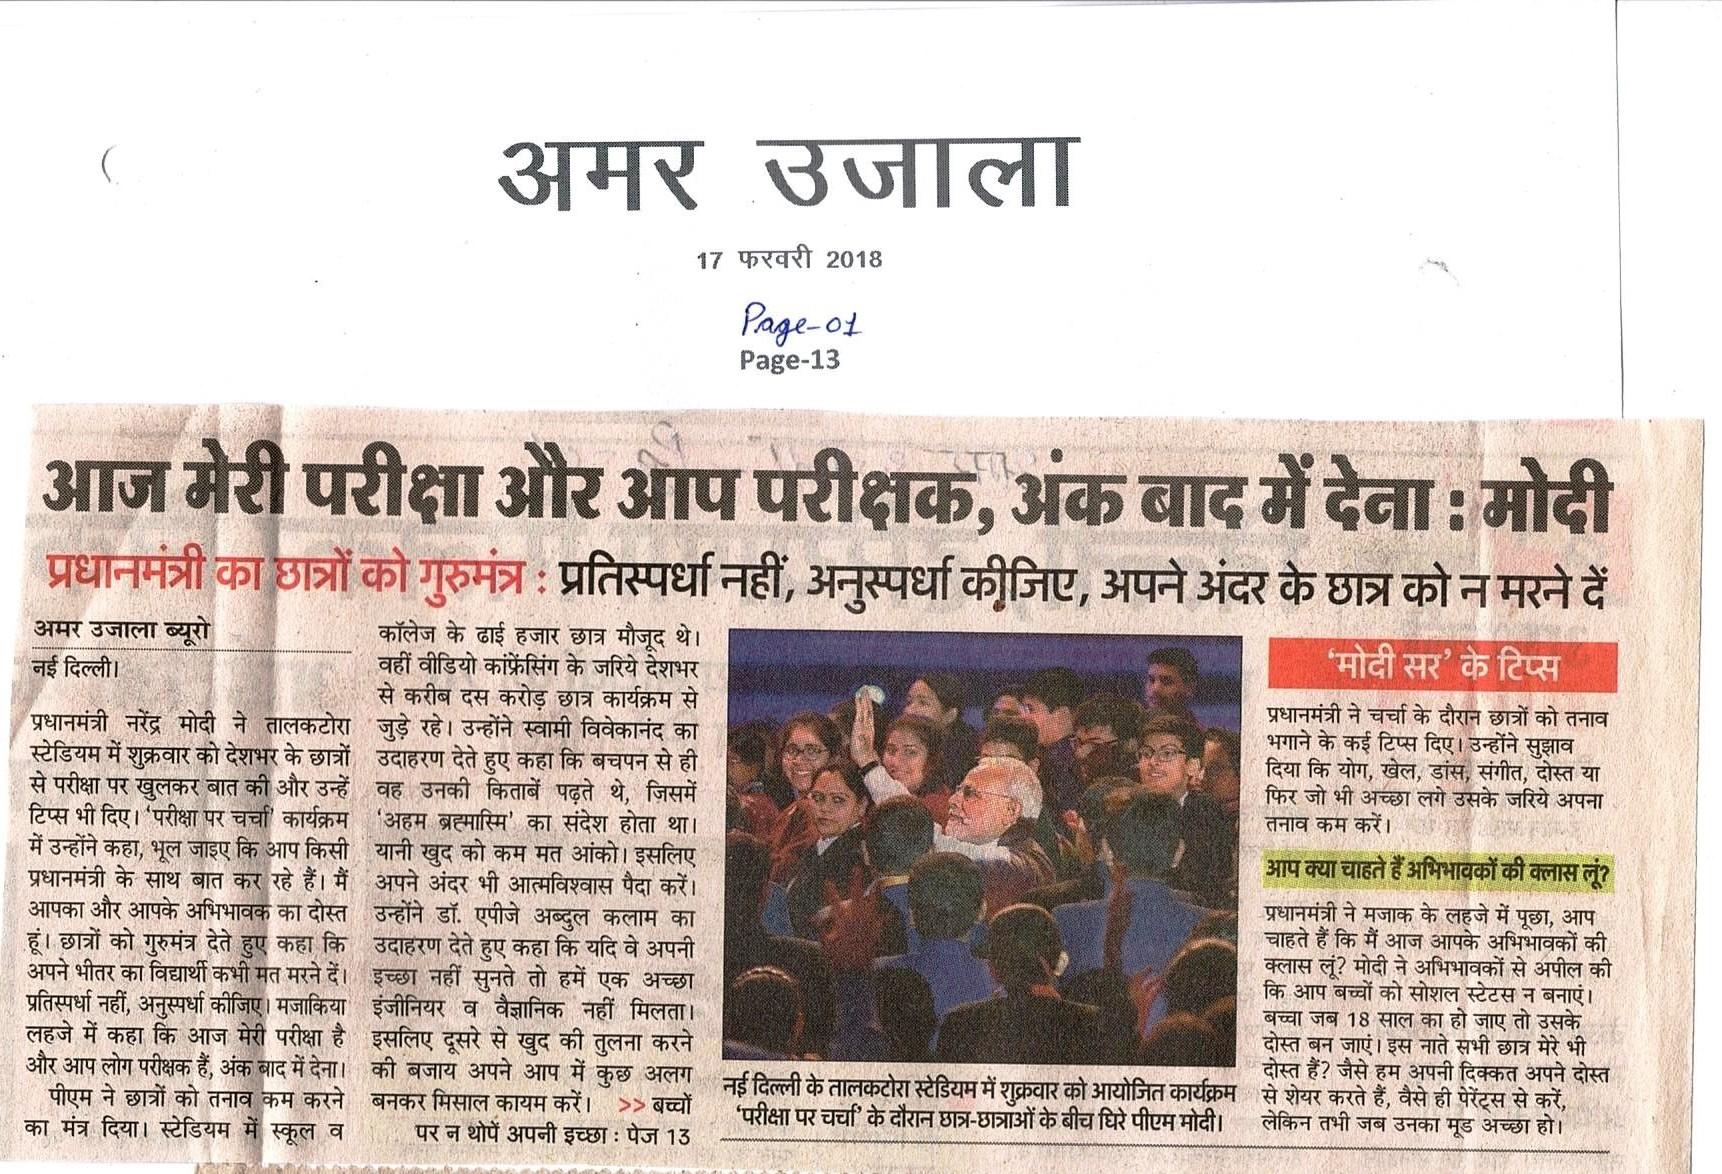 Aaj Meri Pariksha aur Aap Parikshak, Number bad me Dena: Modi